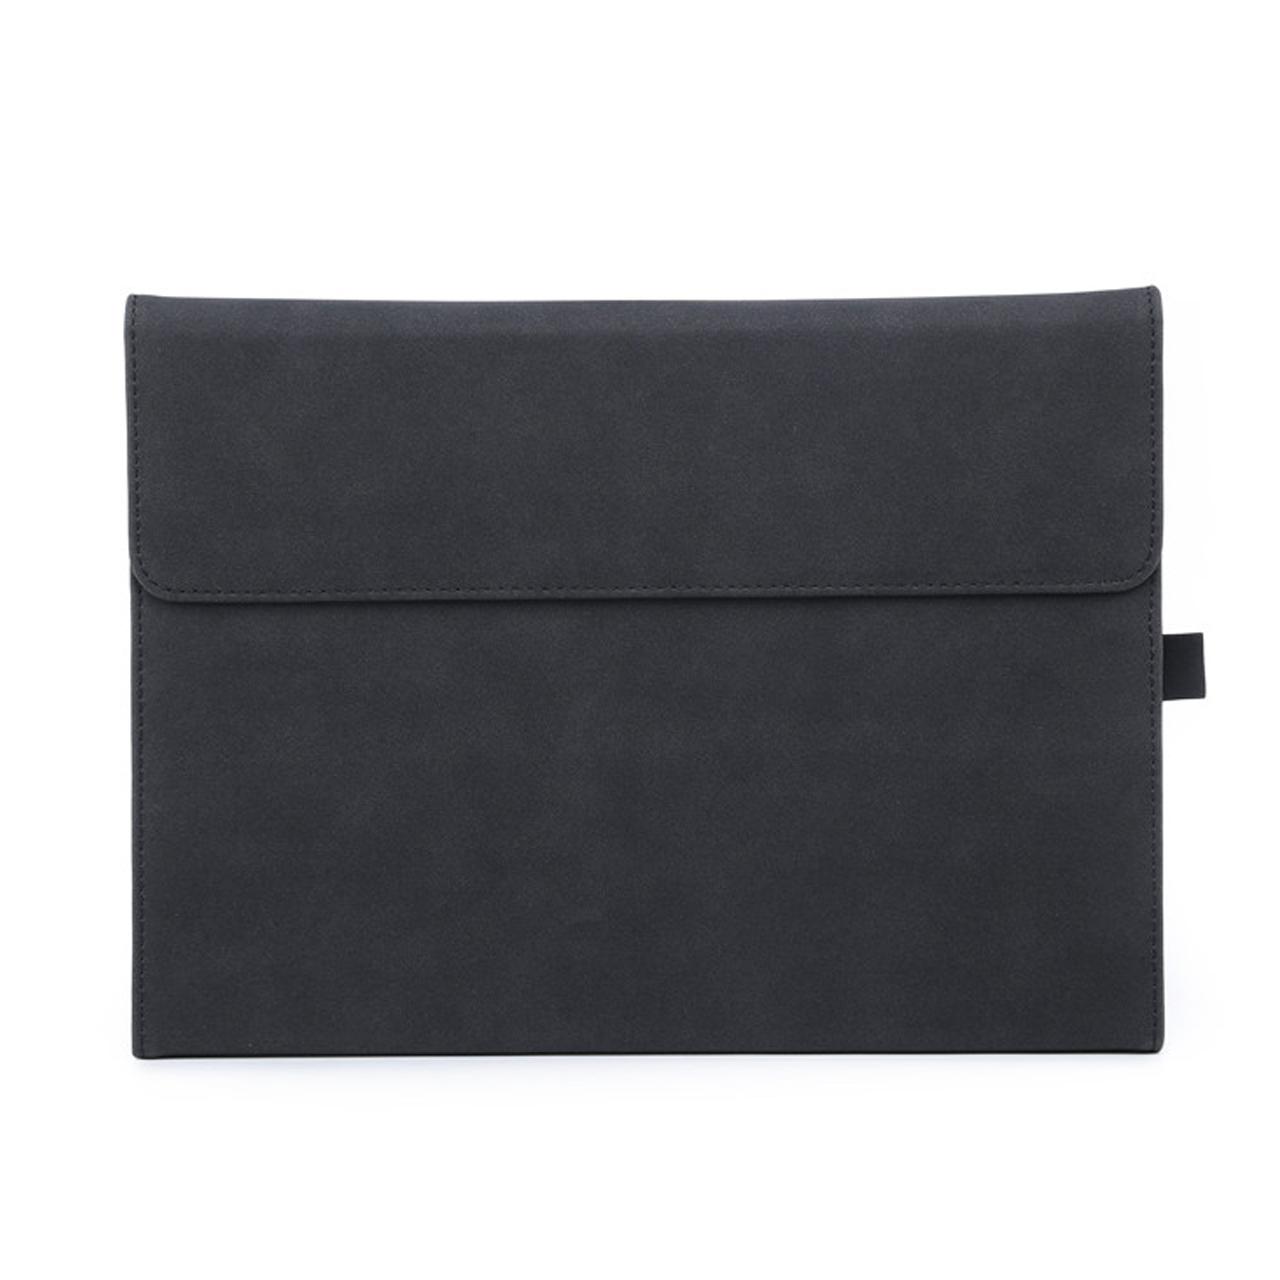 کیف کلاسوری مدل TCM-S47 مناسب برای تبلت مایکروسافت Surface Pro 4 / 5 / 6 / 7